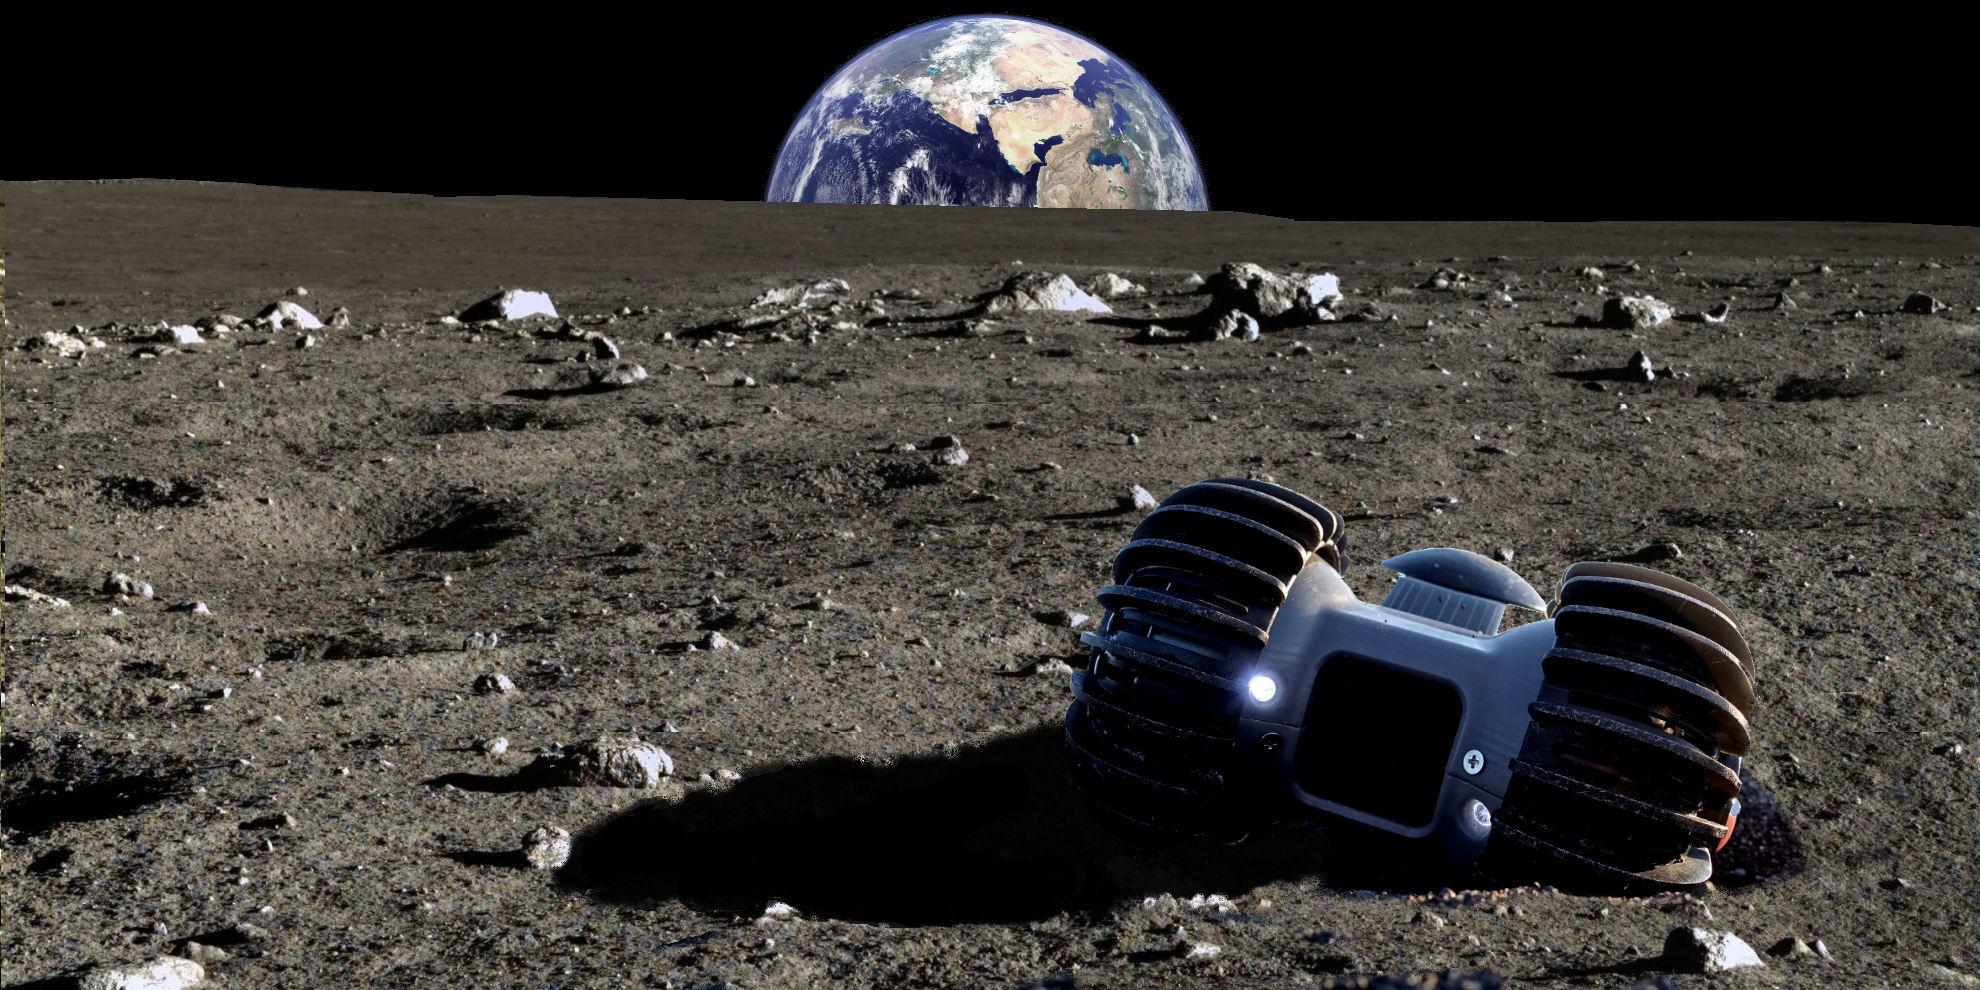 『事業説明会』日本初月面探査事業YAOKI